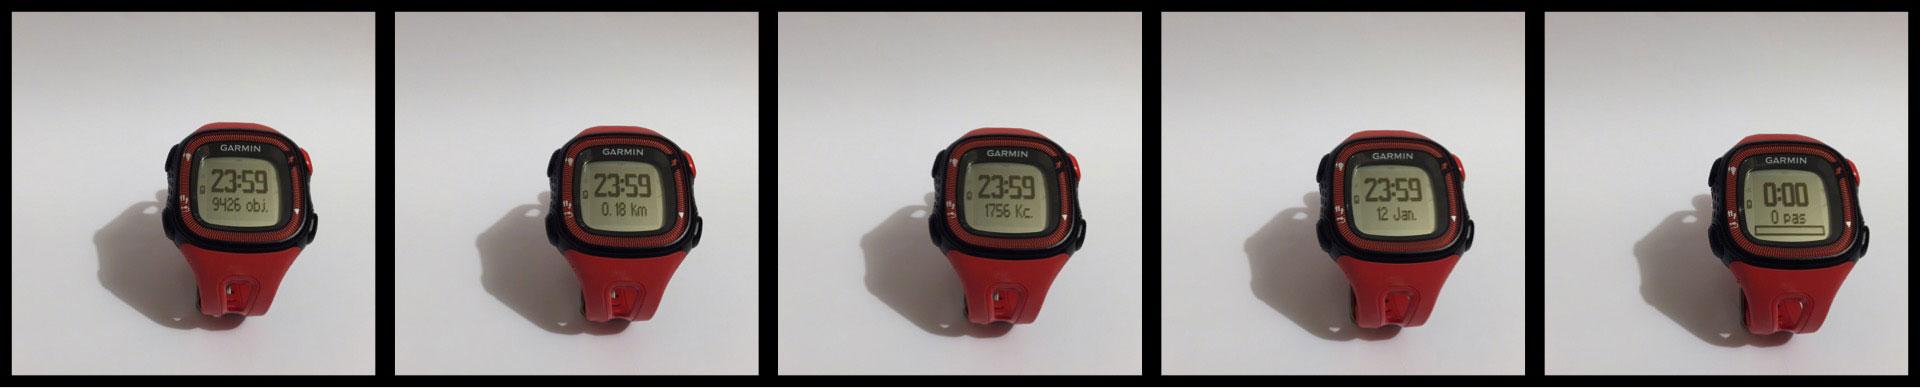 Les différents affichages de la montre GPS de running Garmin Forerunner 15. Ph. Moctar KANE.